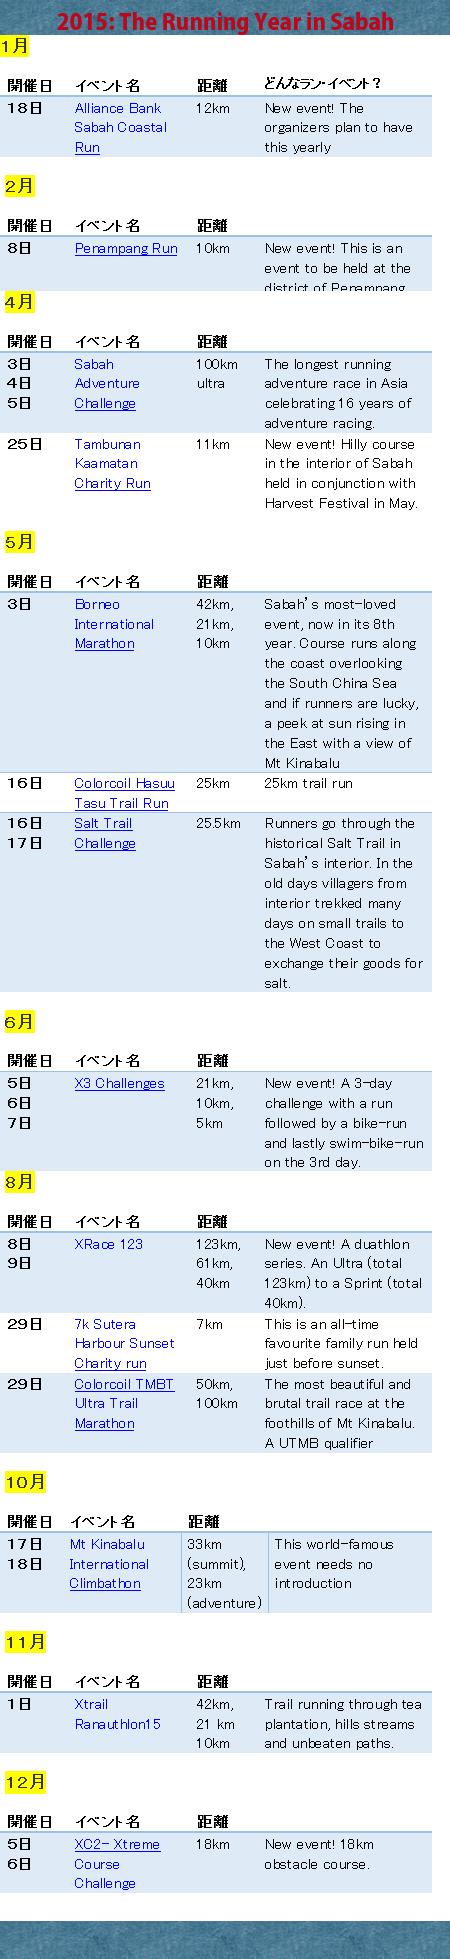 Run Event sabah